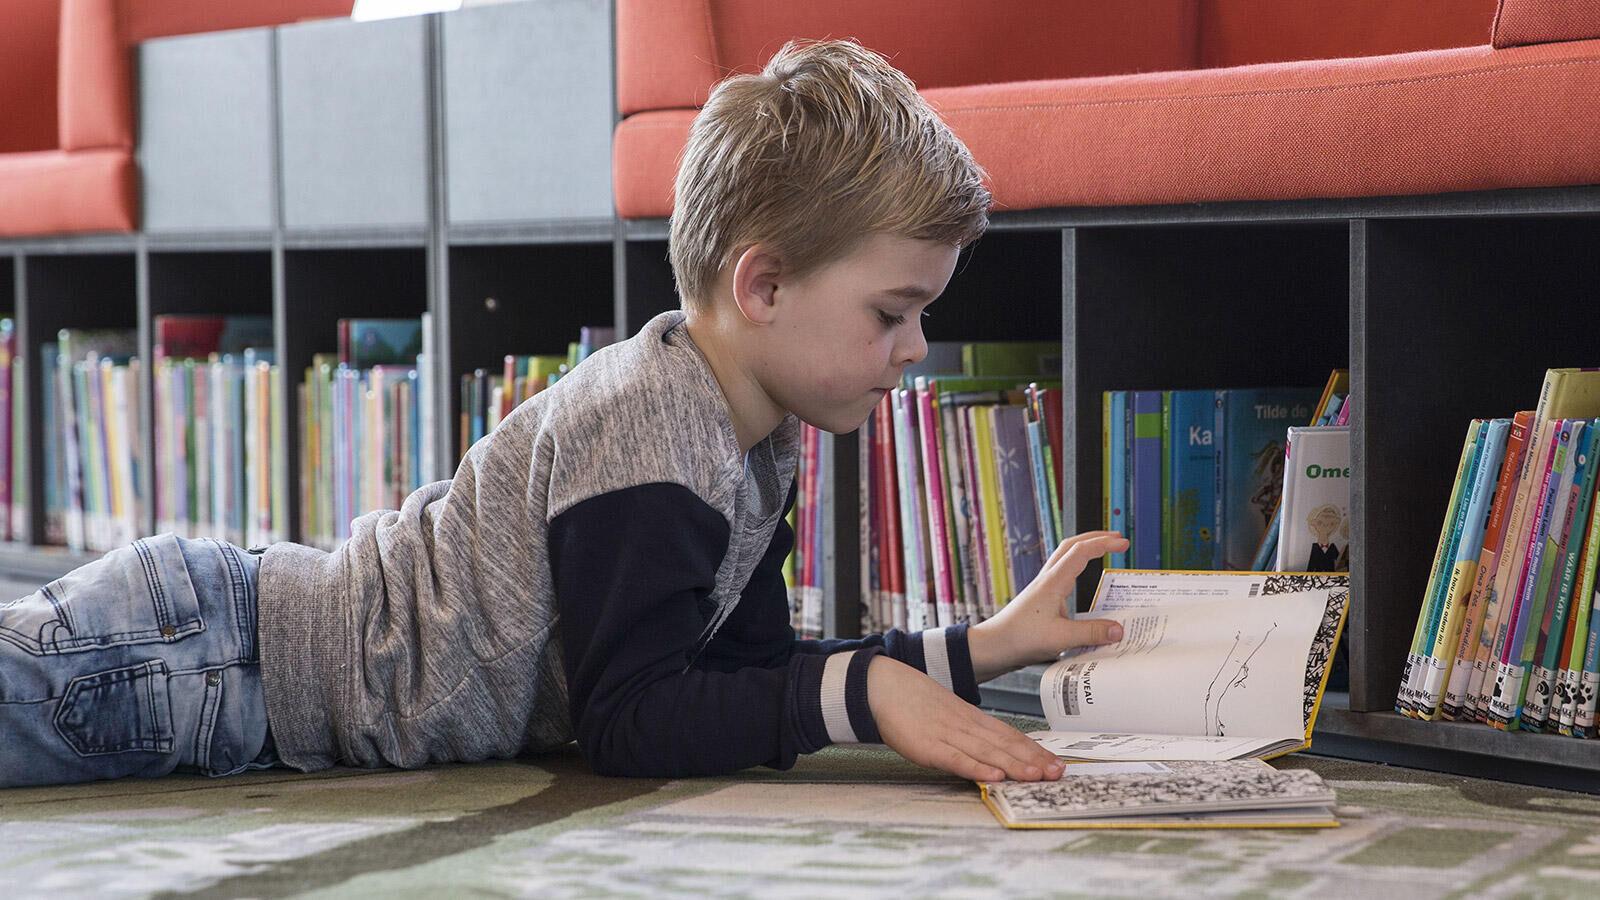 Kidscatalogus